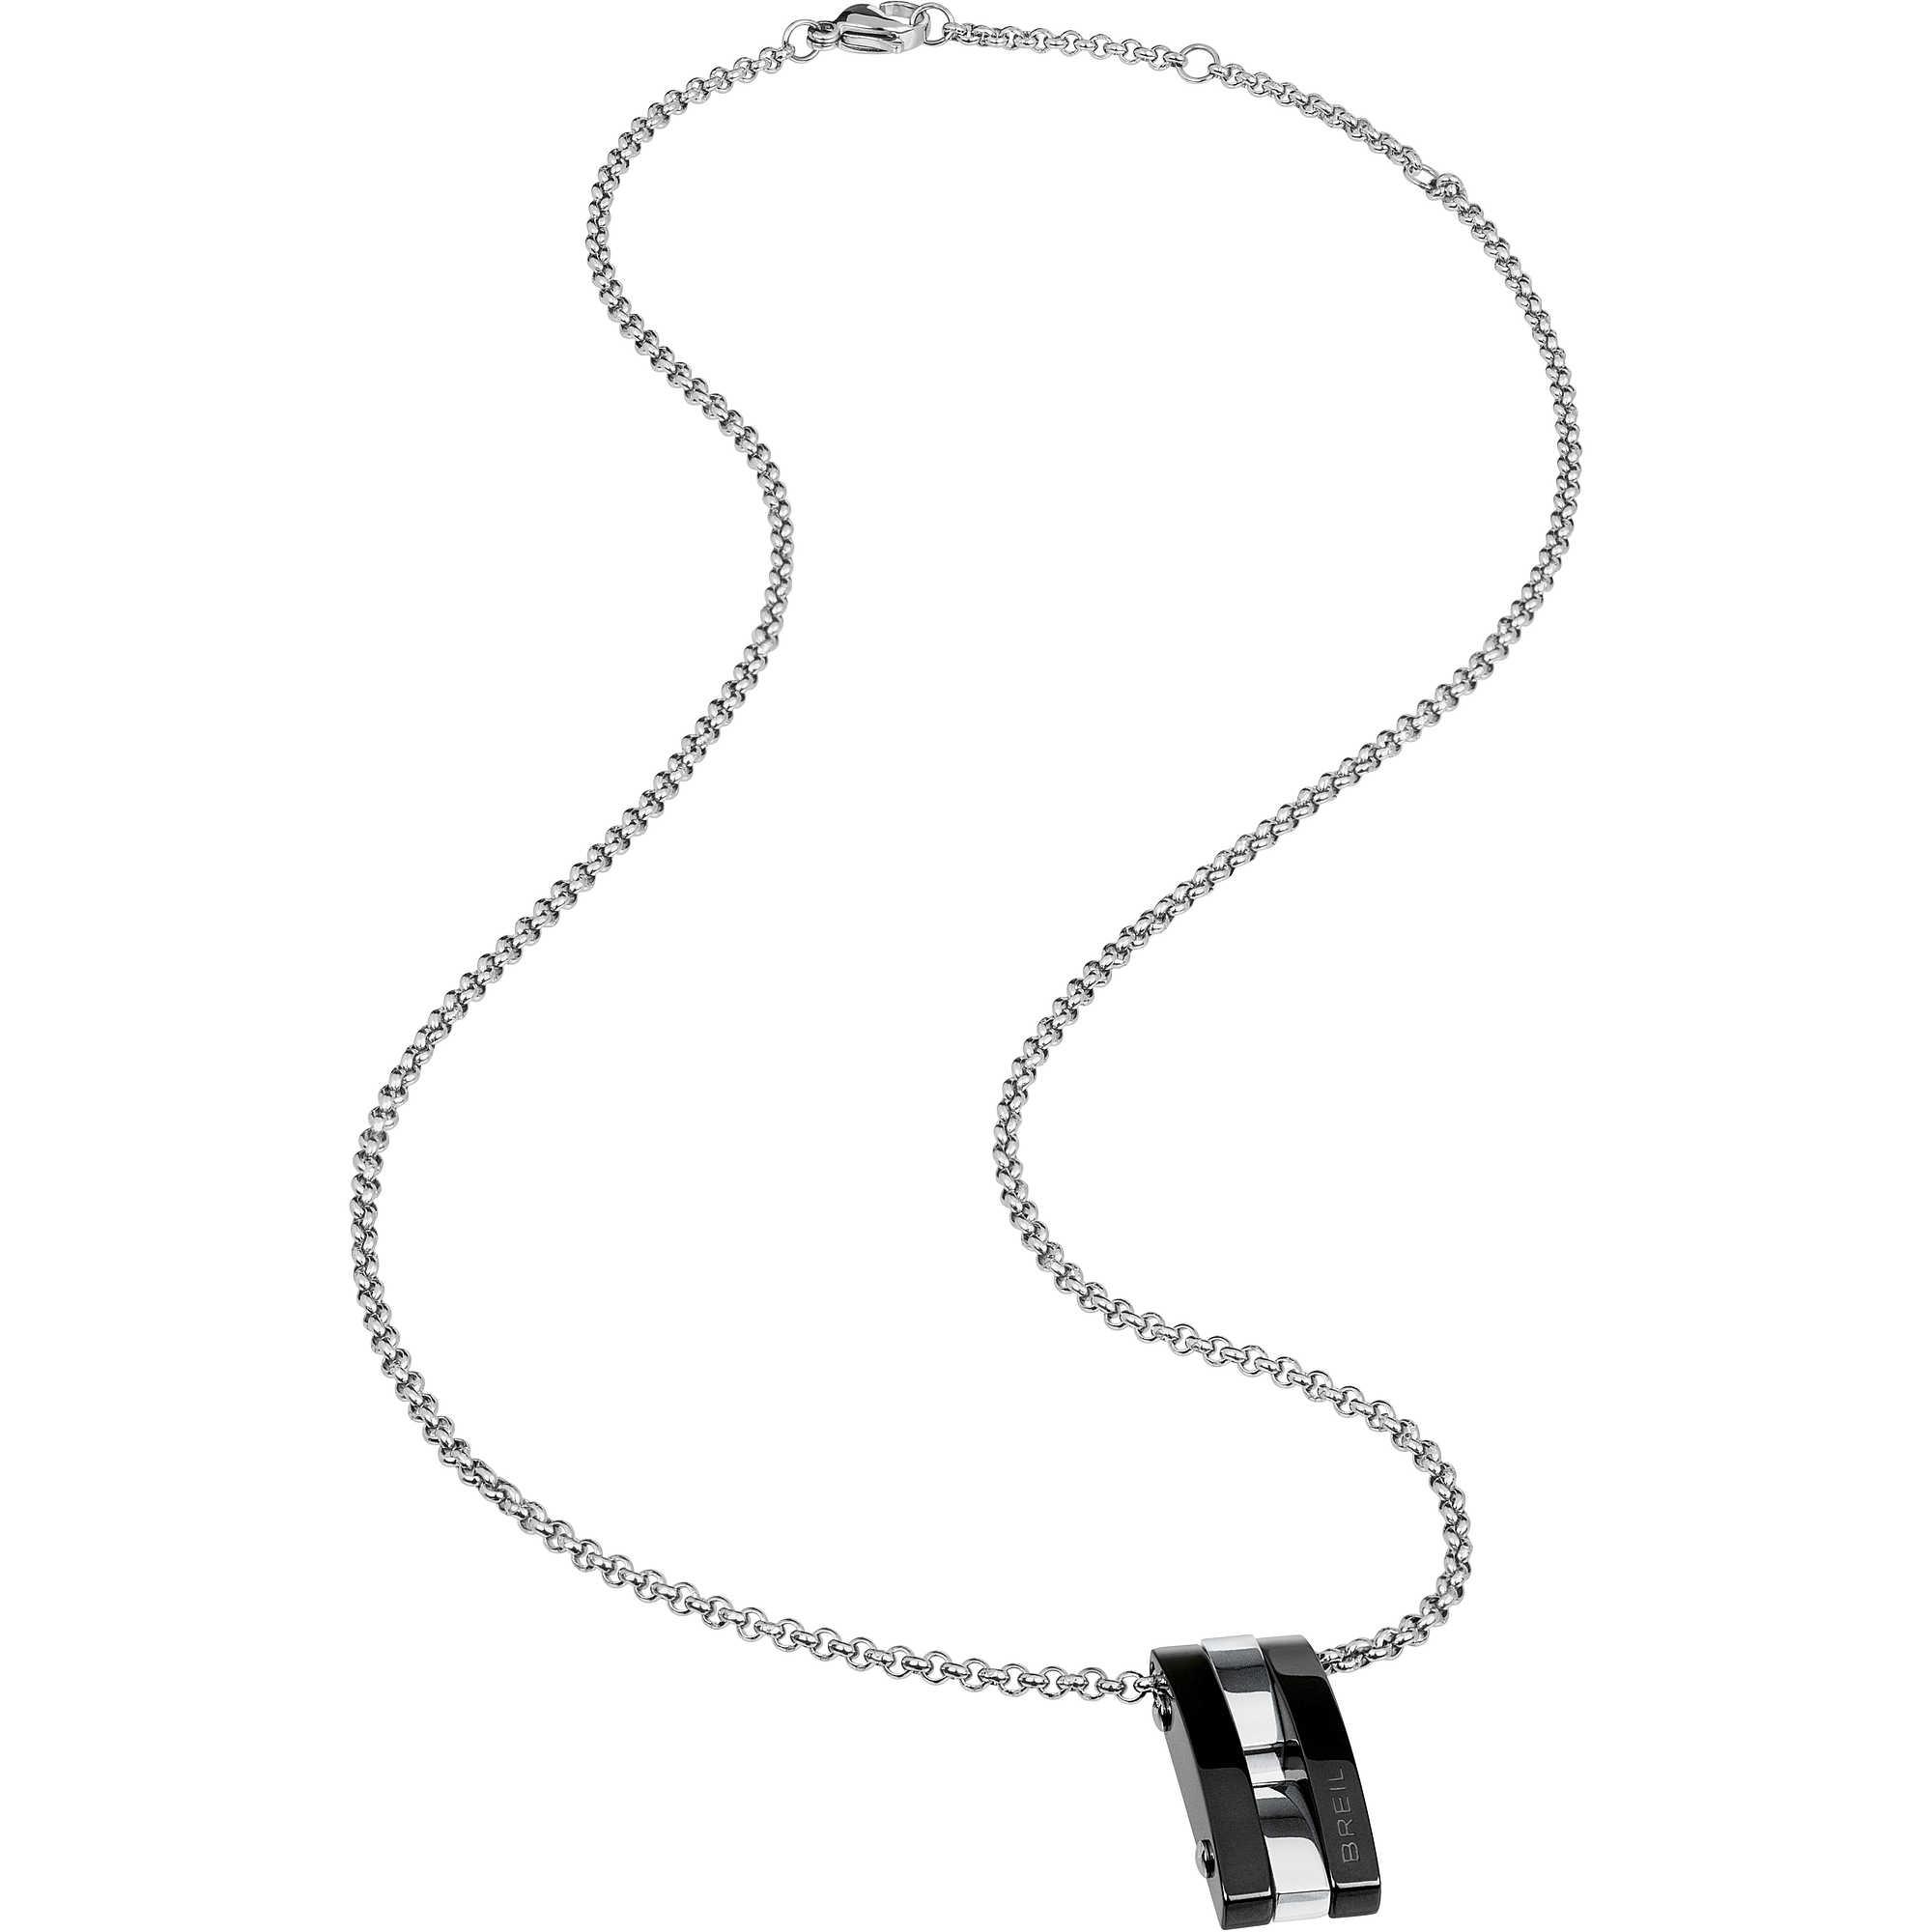 compra meglio fabbricazione abile vendita a buon mercato usa Collana Breil uomo in acciaio con pendente con particolari neri